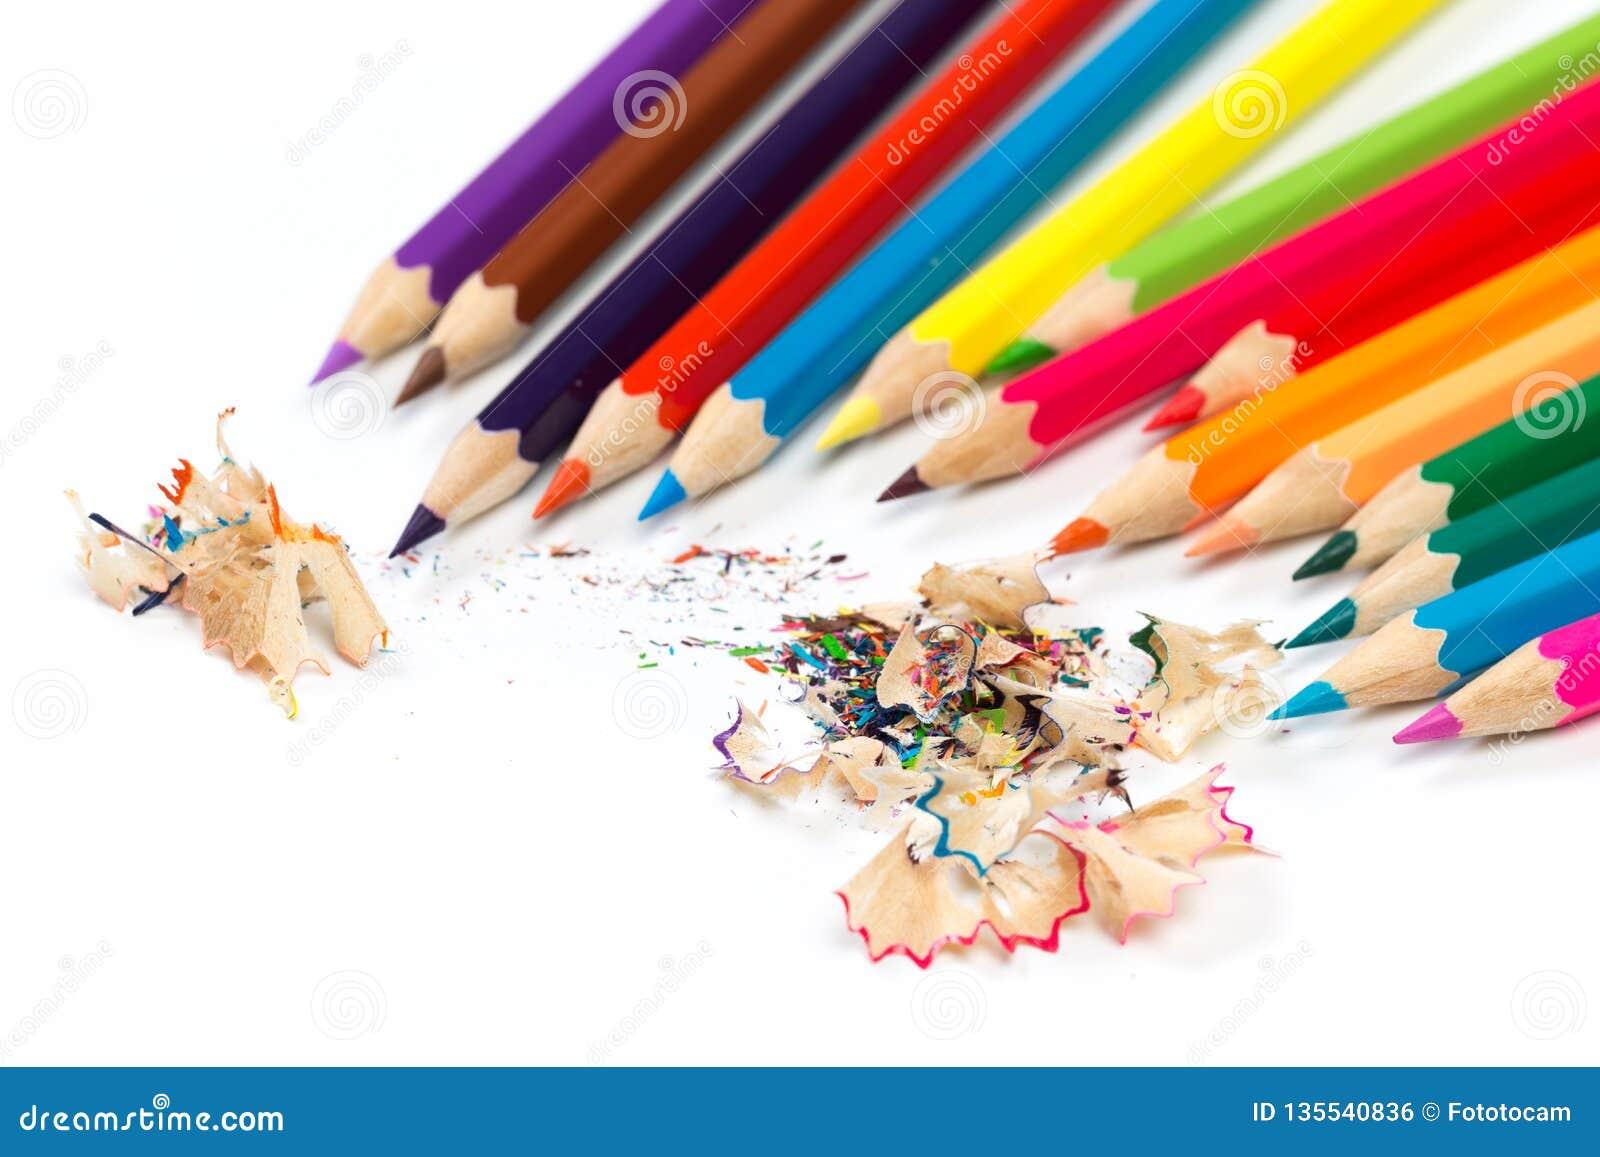 Χρωματισμένα μολύβια και ξέσματα με τα μολύβια Sharpener των μολυβιών σε ένα άσπρο υπόβαθρο